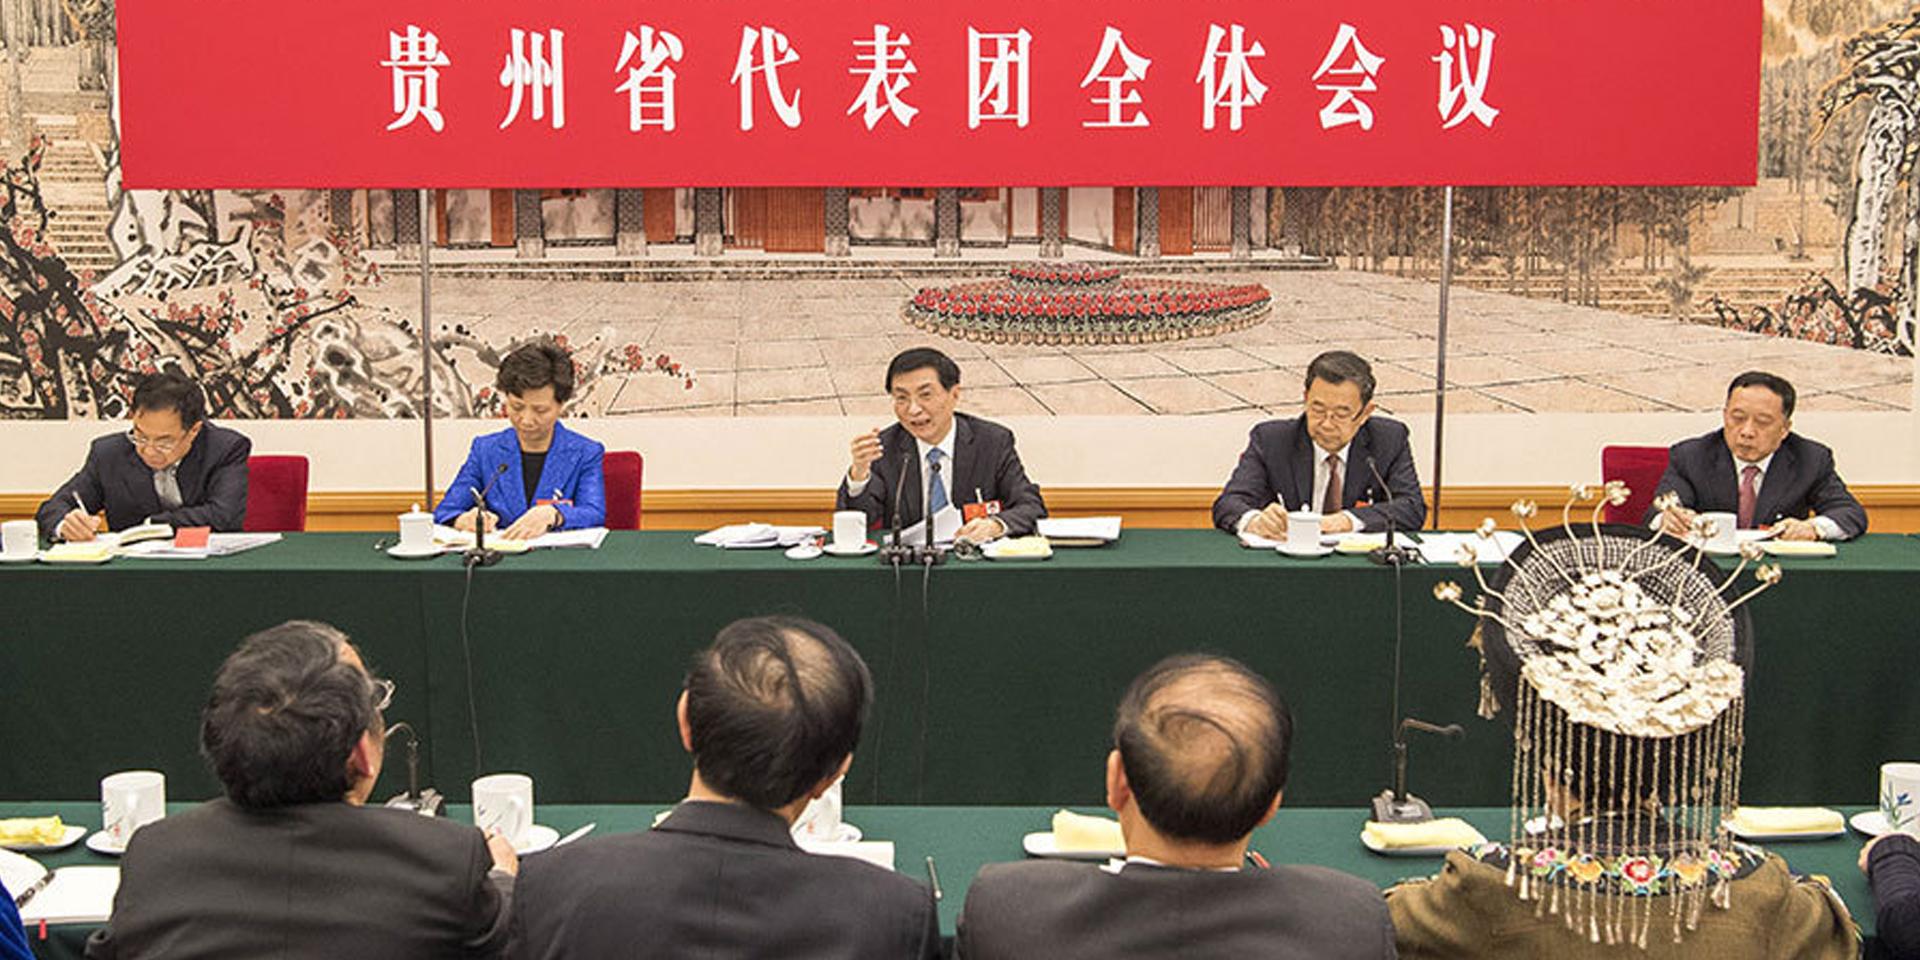 王滬寧參加貴州代表團審議